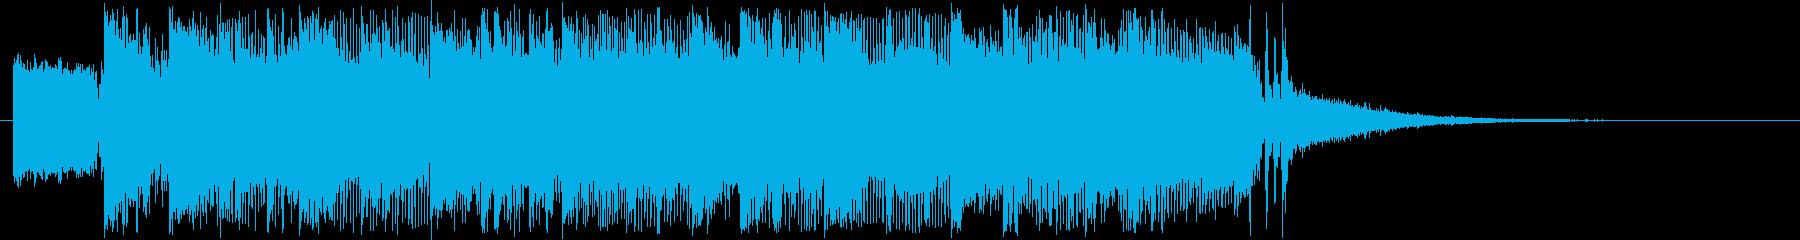 疾走感のギターバンドジングル短めの再生済みの波形